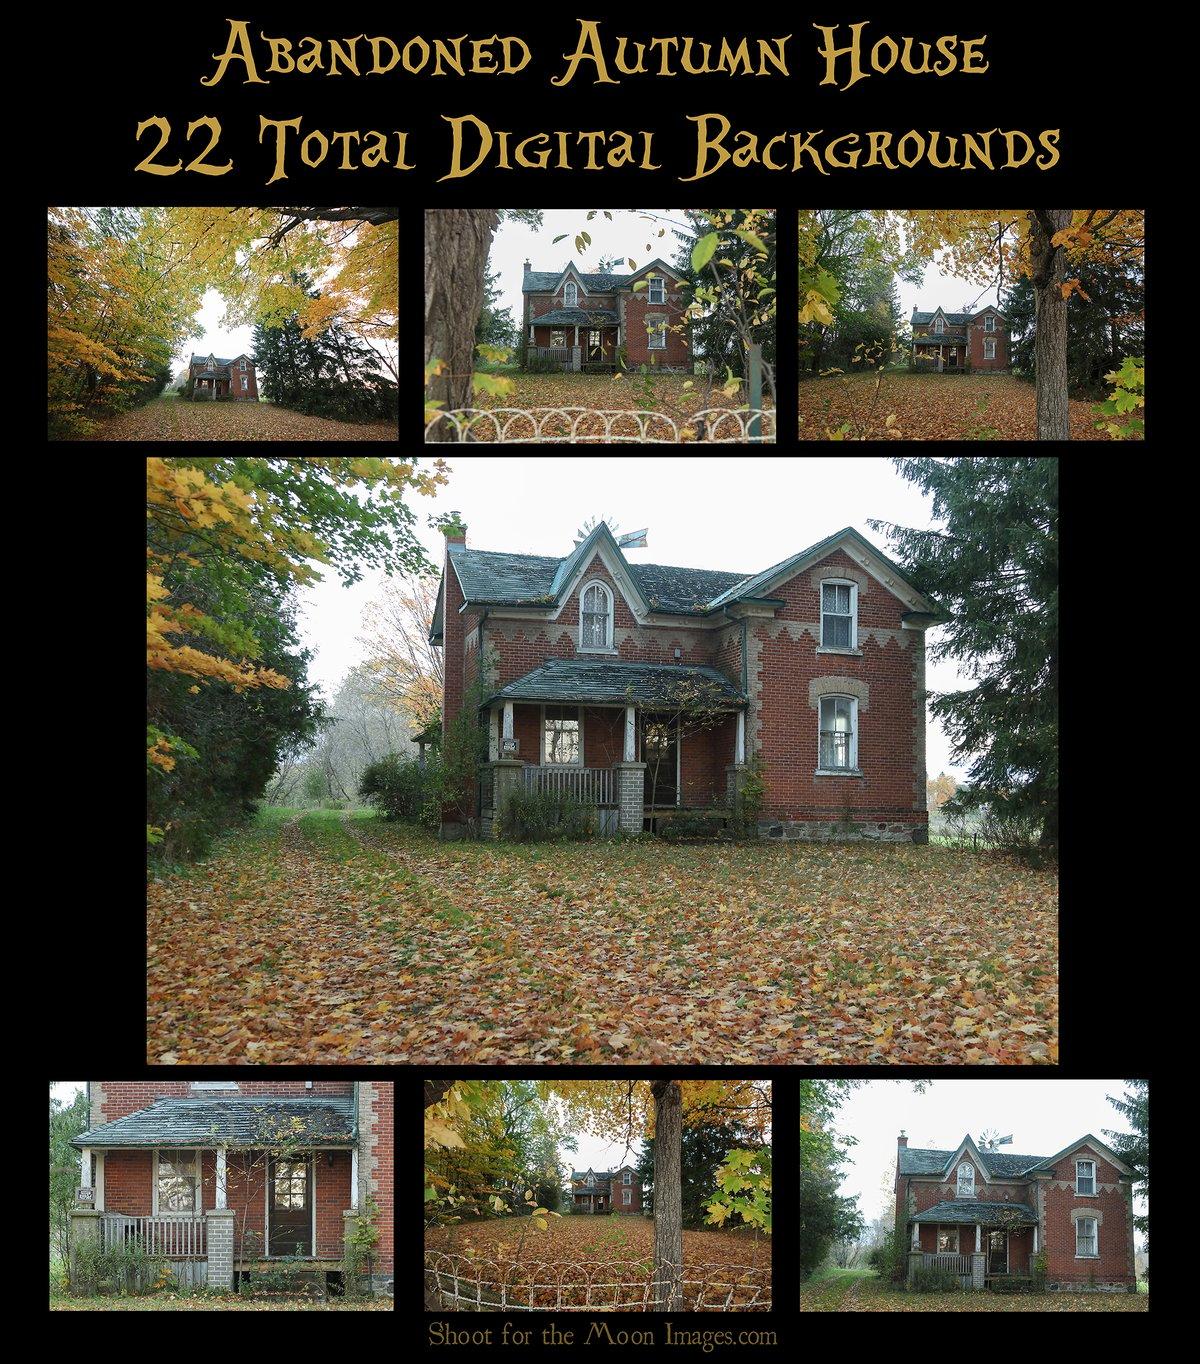 Image of Abandoned Autumn House Digital Backgrounds